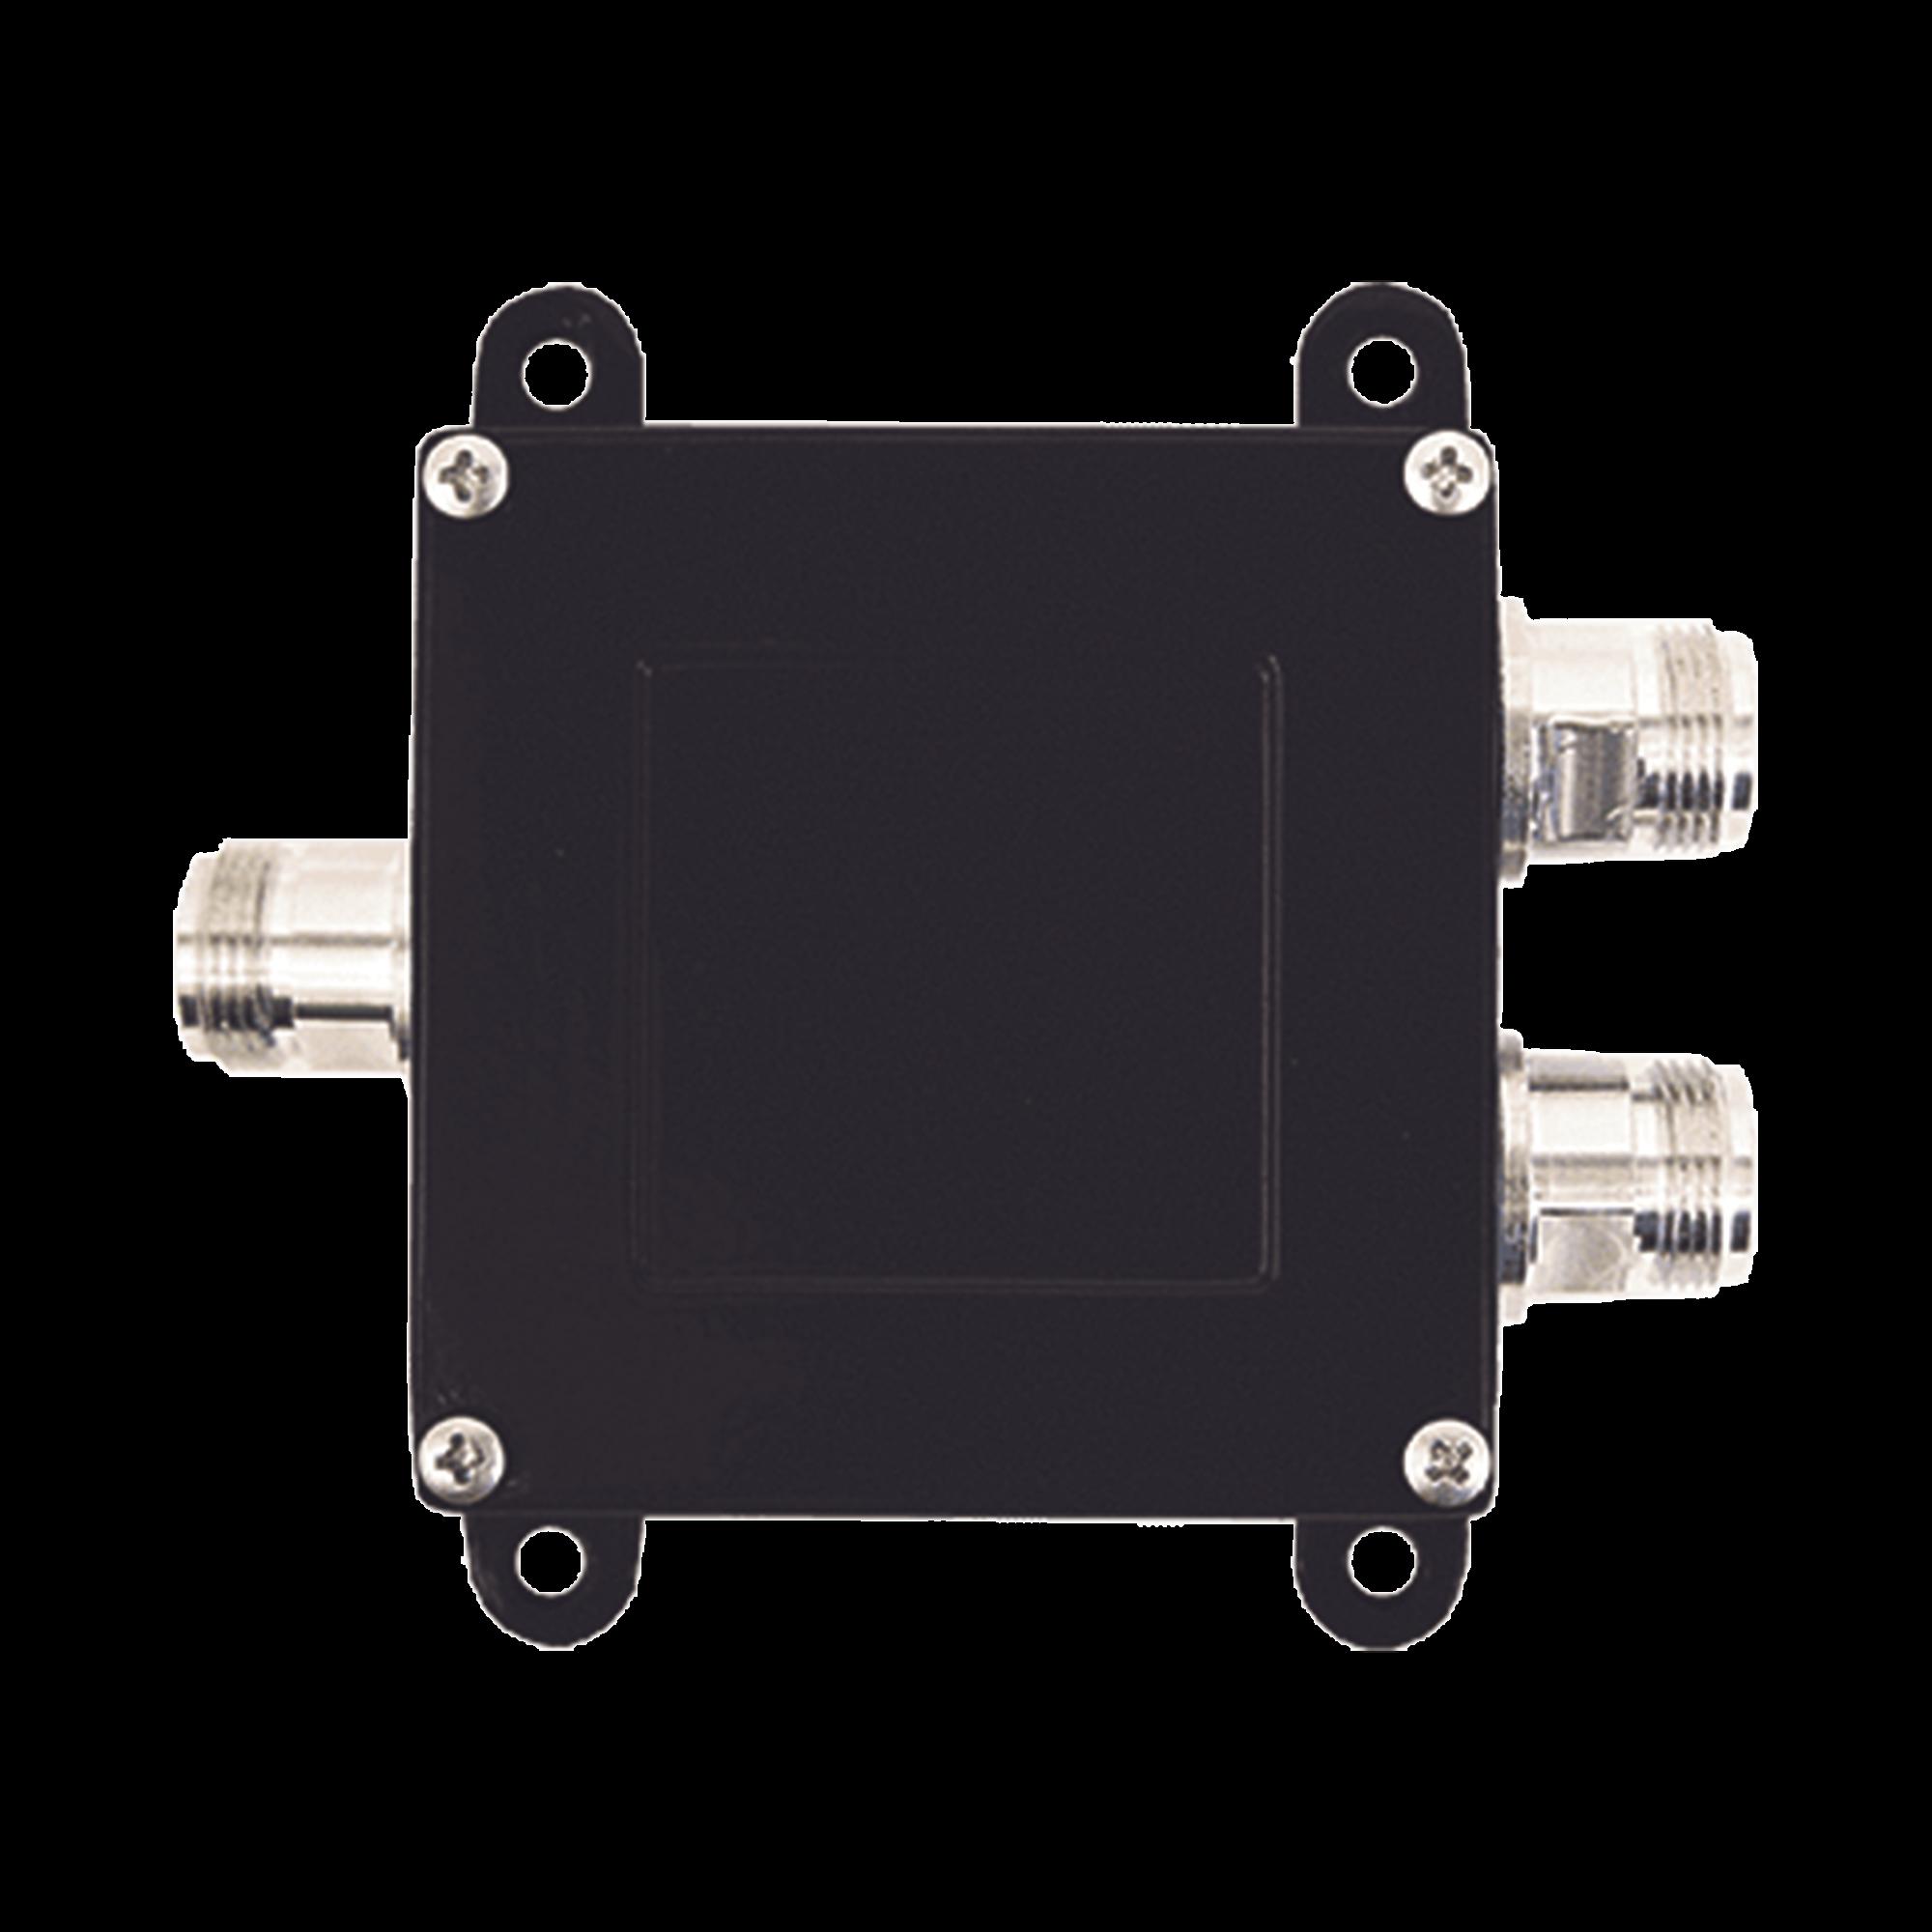 Separador TAP -7 dB con rango de frecuencia de 700 a 2500 MHz. Ideal para separar la antenas a diferentes longitudes de cable coaxial. 50 Ohm con conectores N Hembra.